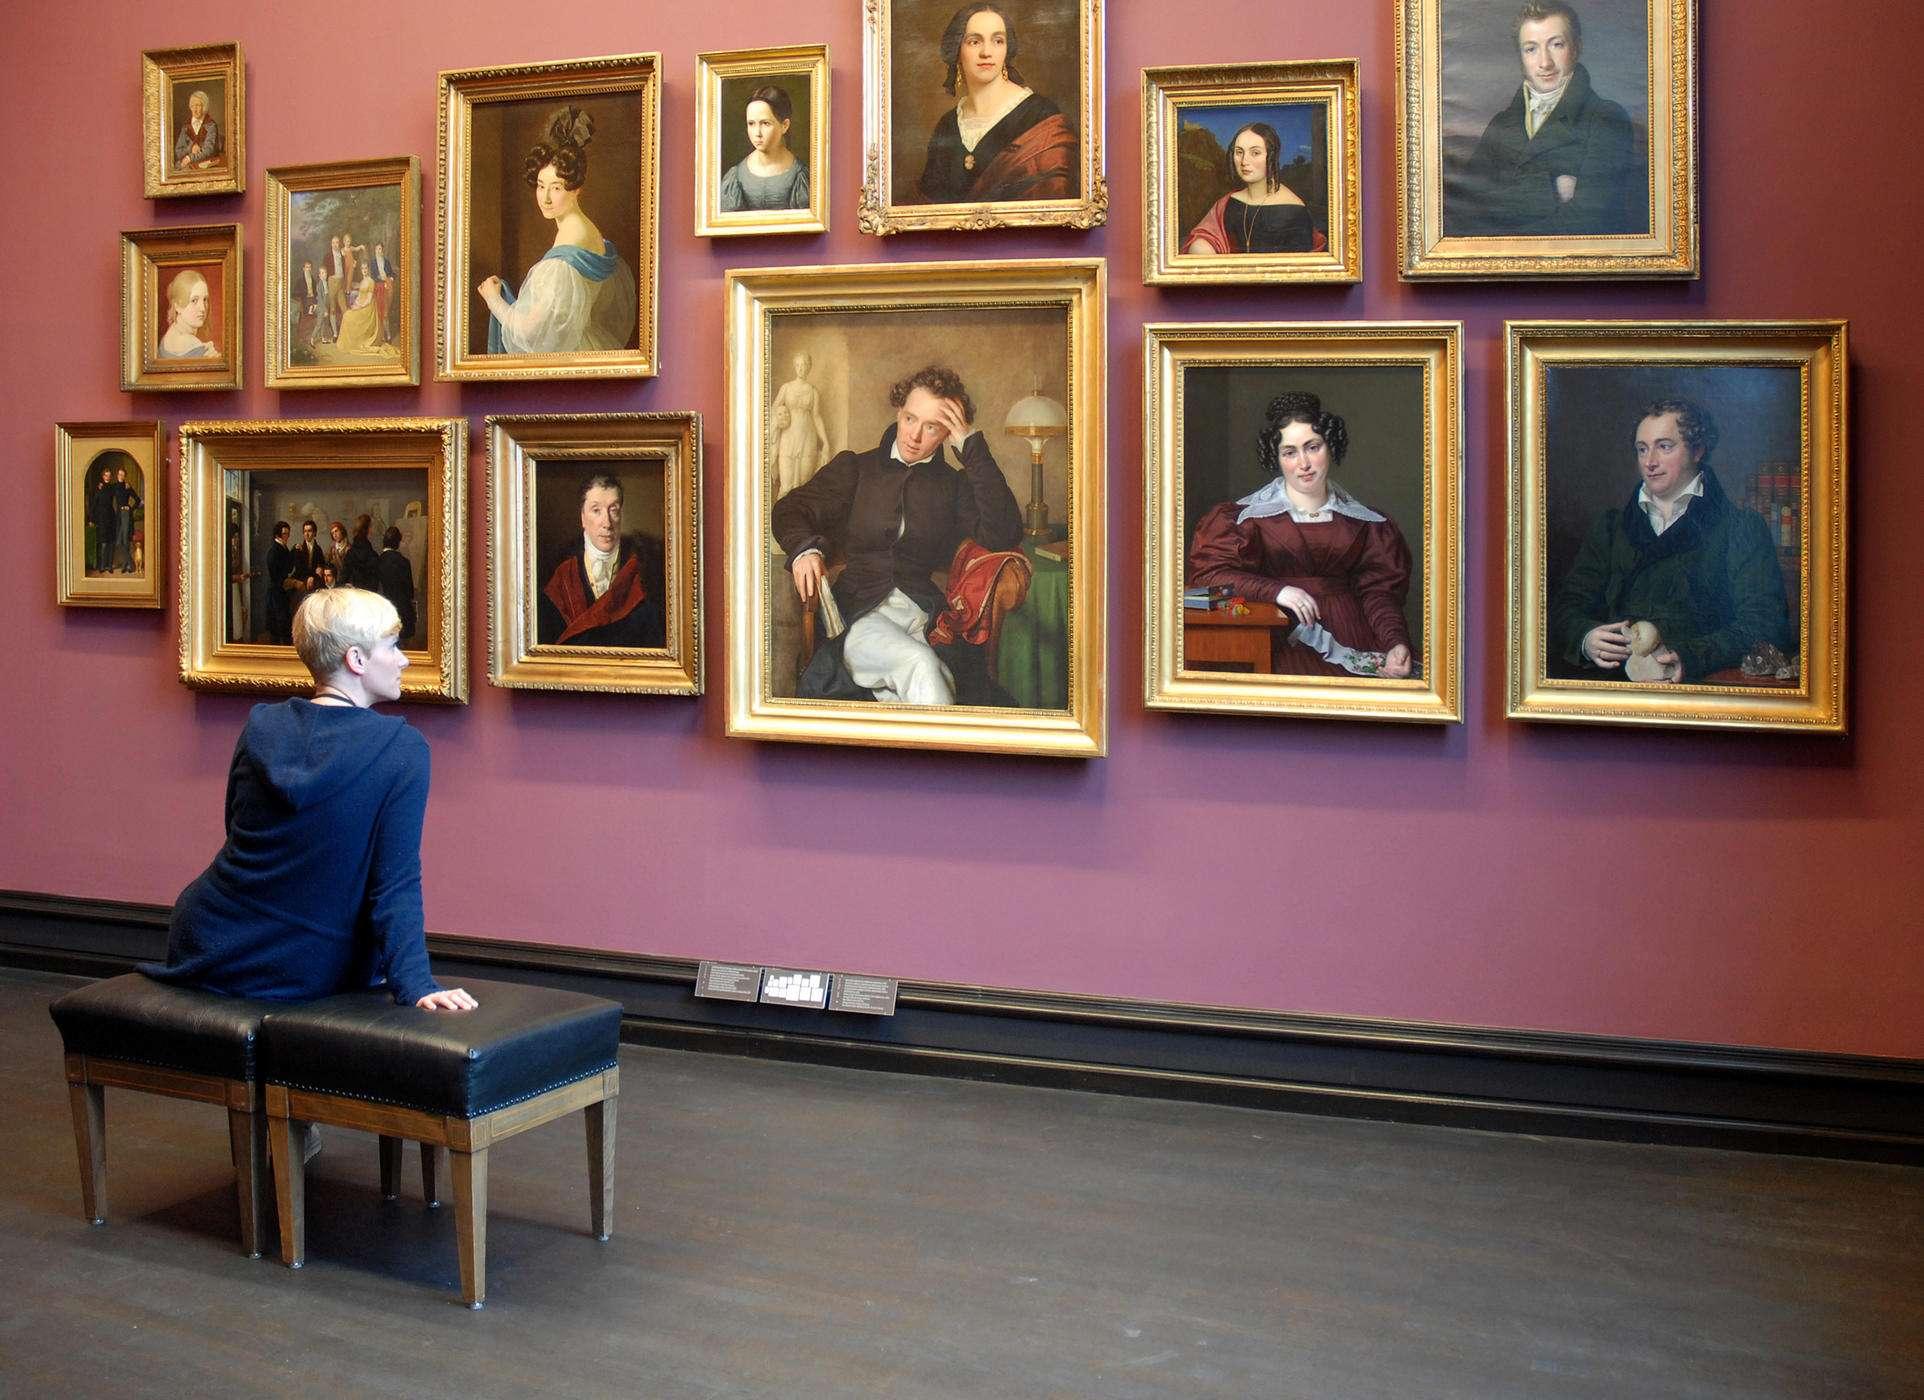 Kunstverein In Bremen Kunsthalle Bremen Adkv